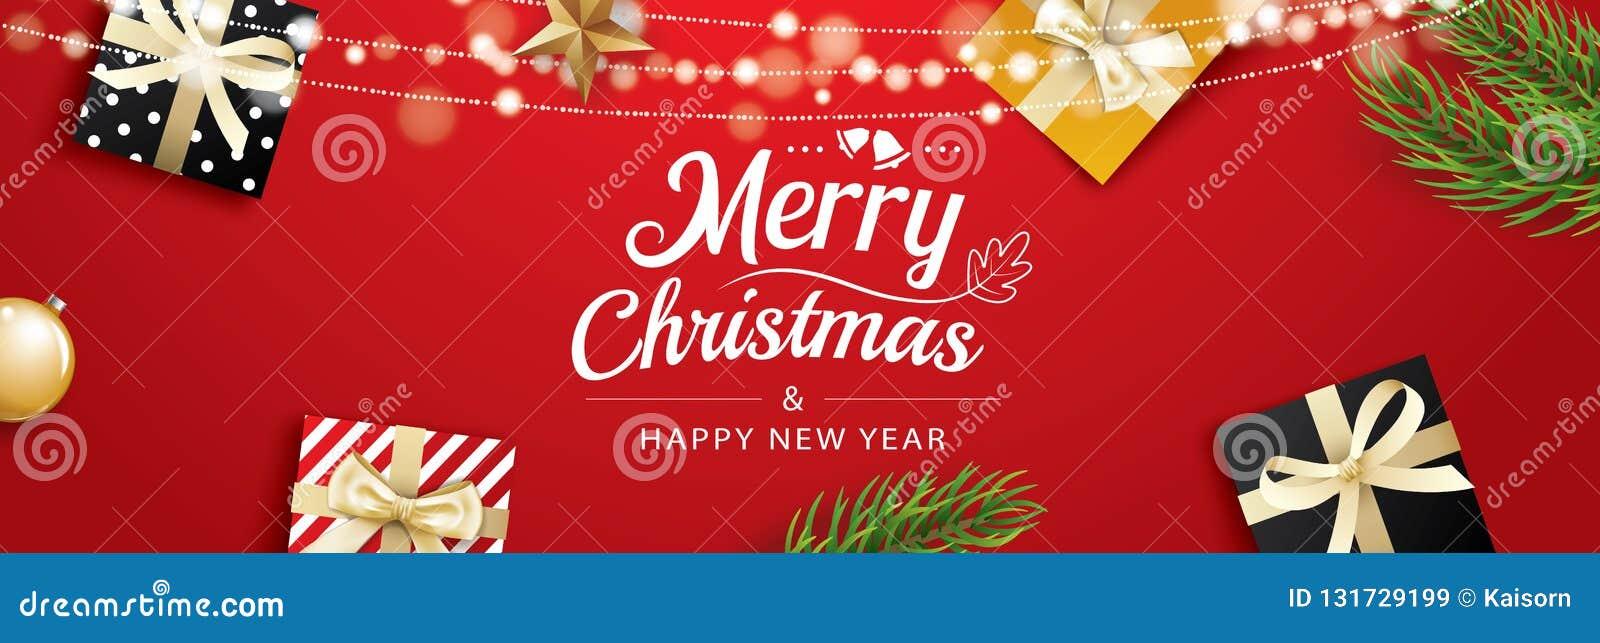 Carte de voeux de Noël avec des boîte-cadeau sur le fond rouge Utilisation pour des affiches, couverture, bannière